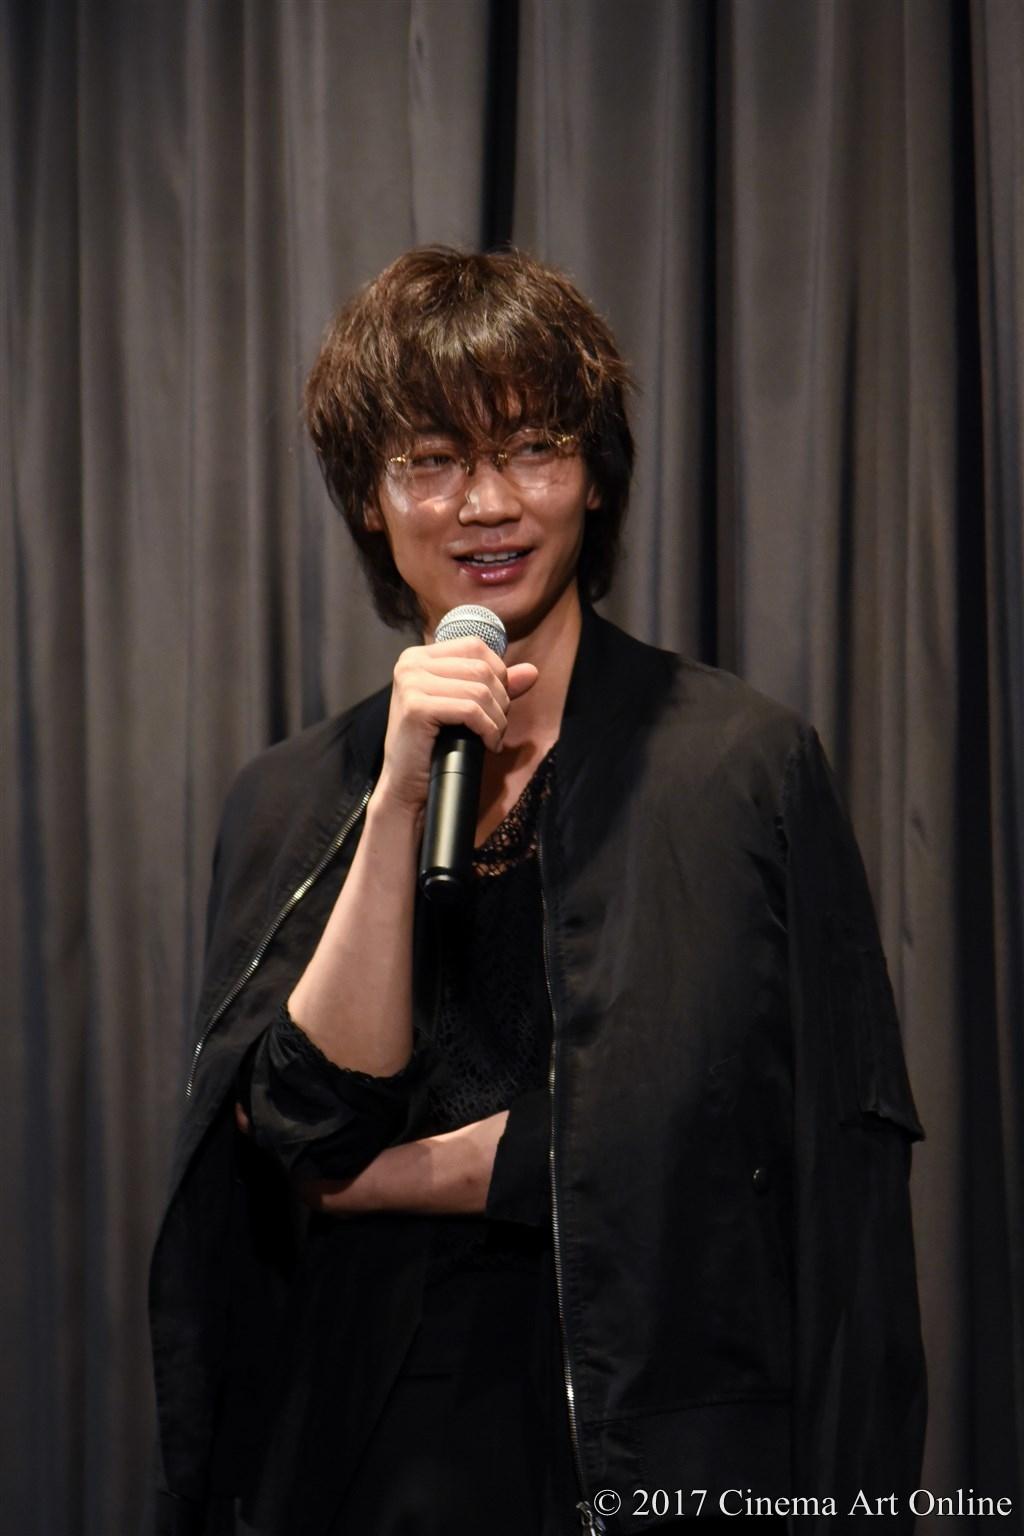 映画「武曲 MUKOKU」公開初日舞台挨拶 綾野剛